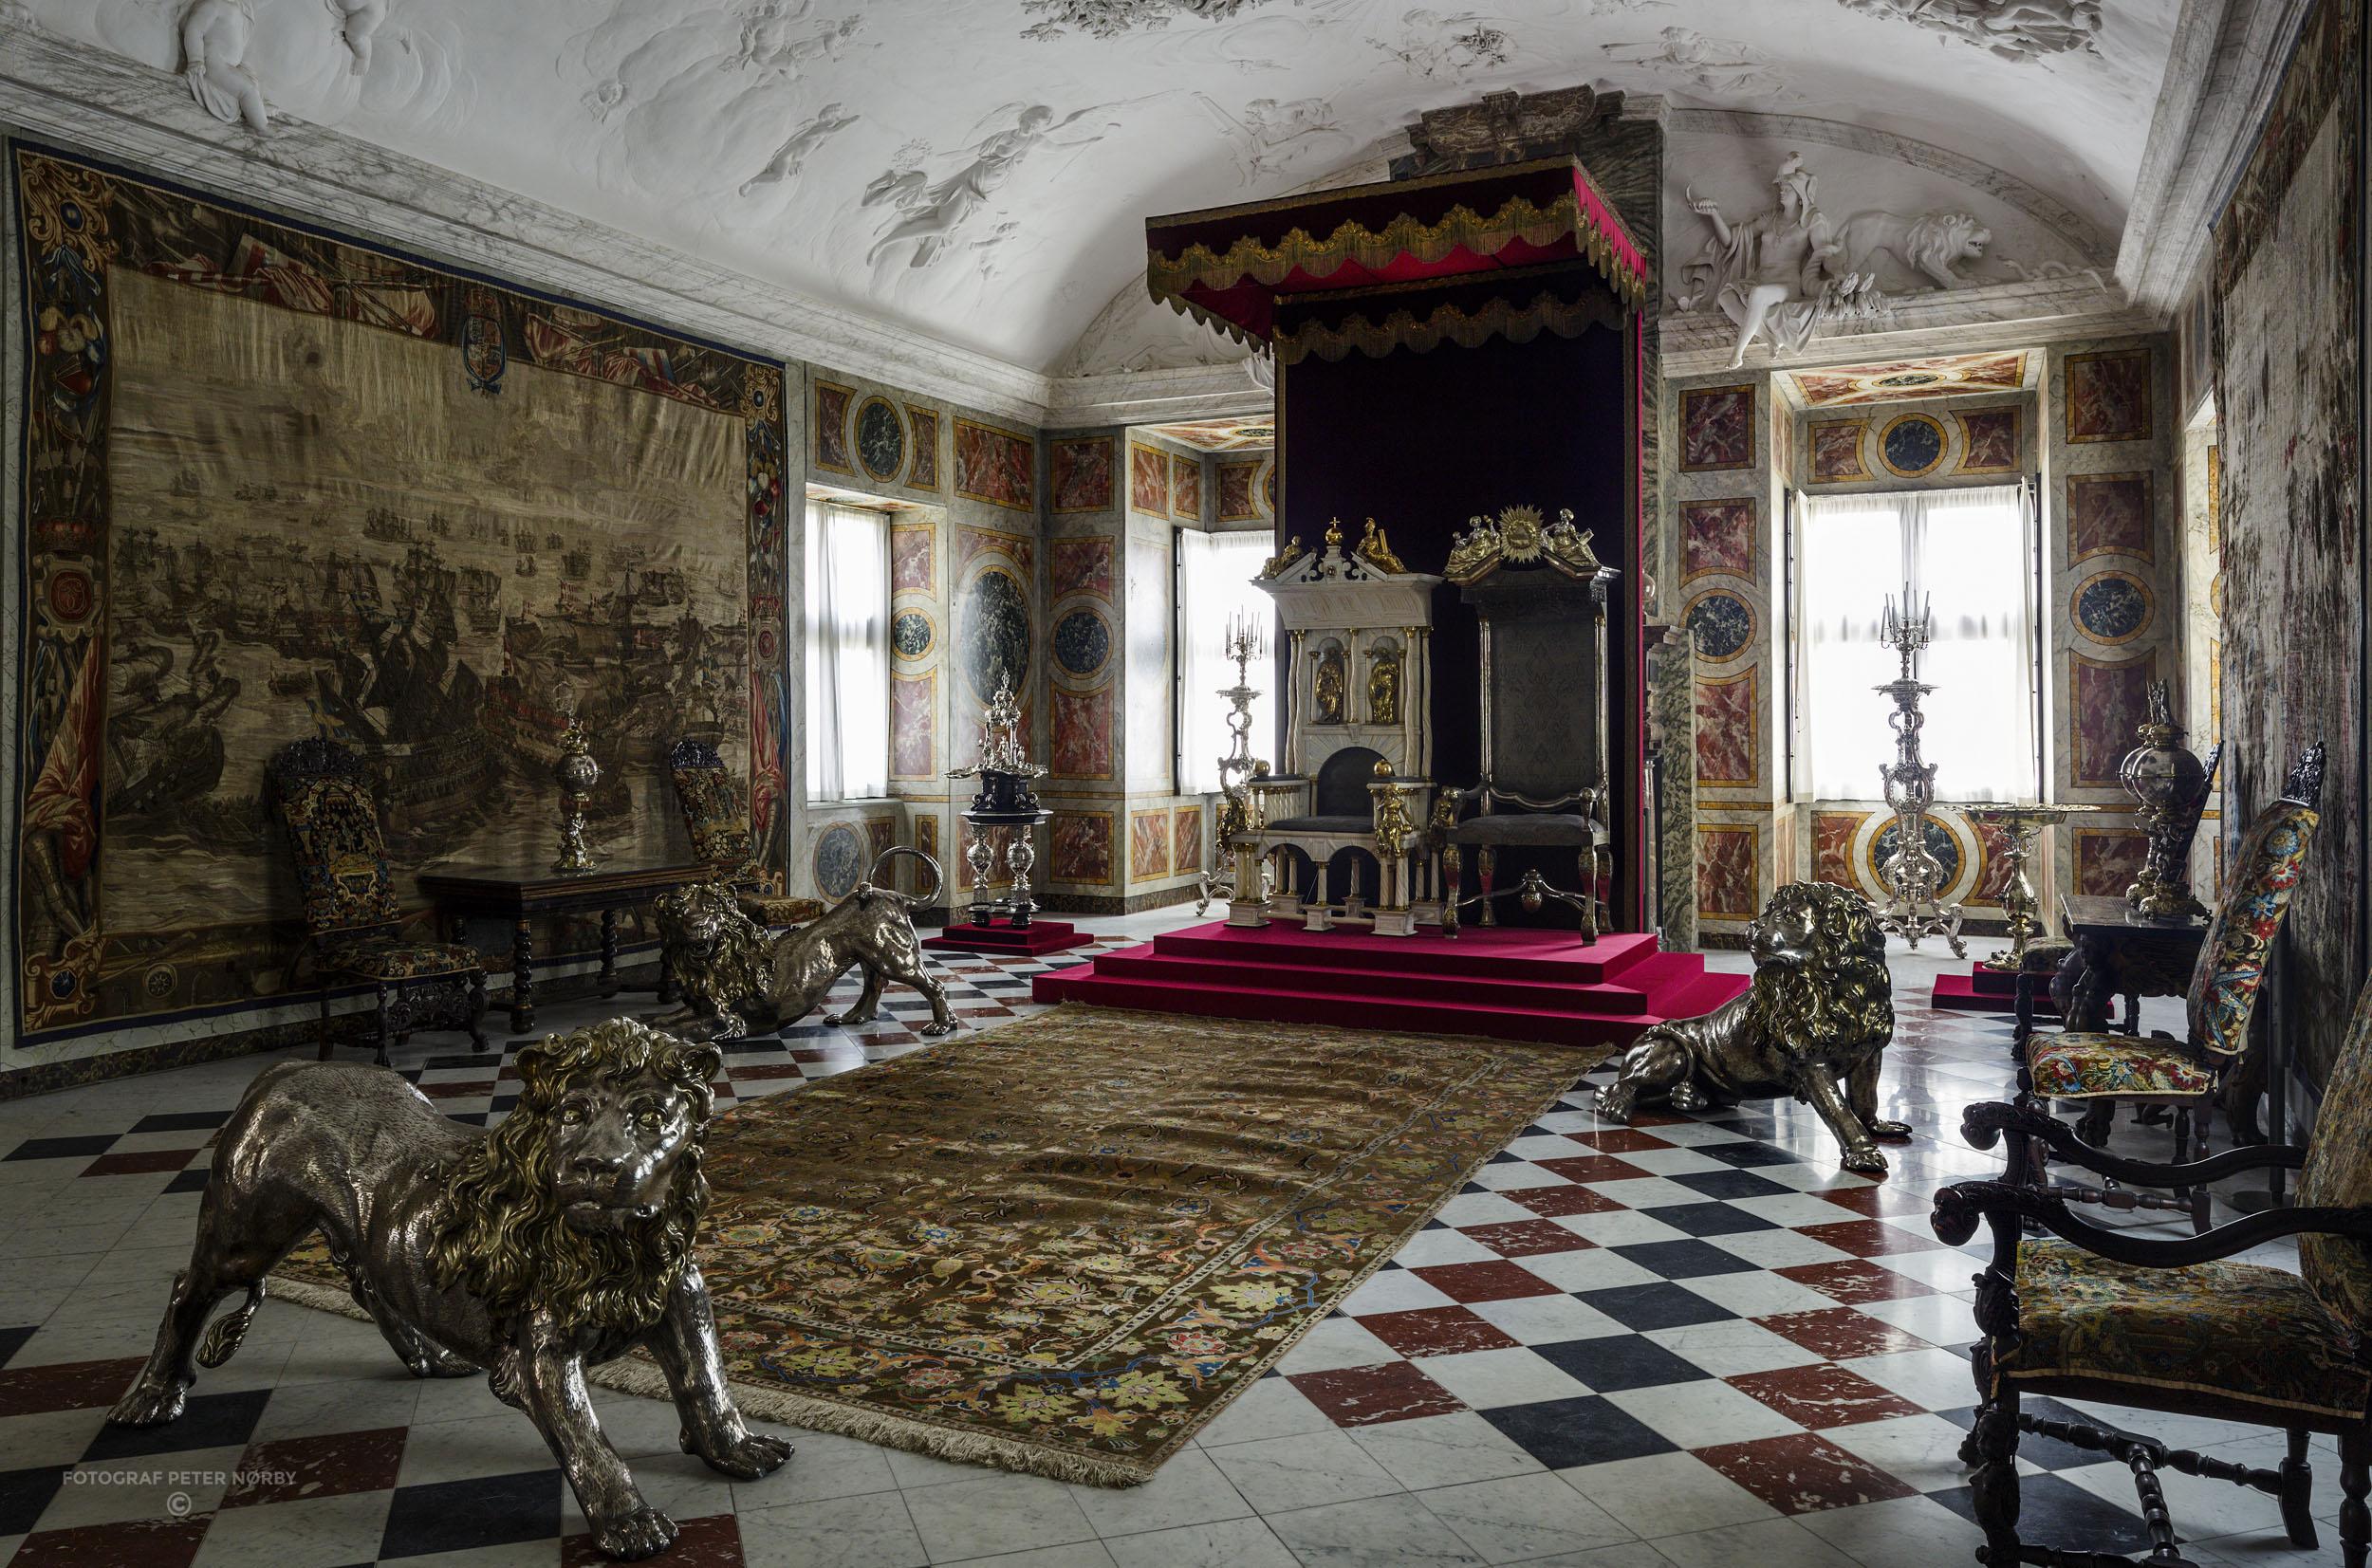 Rosenborg_Room21_01.jpg